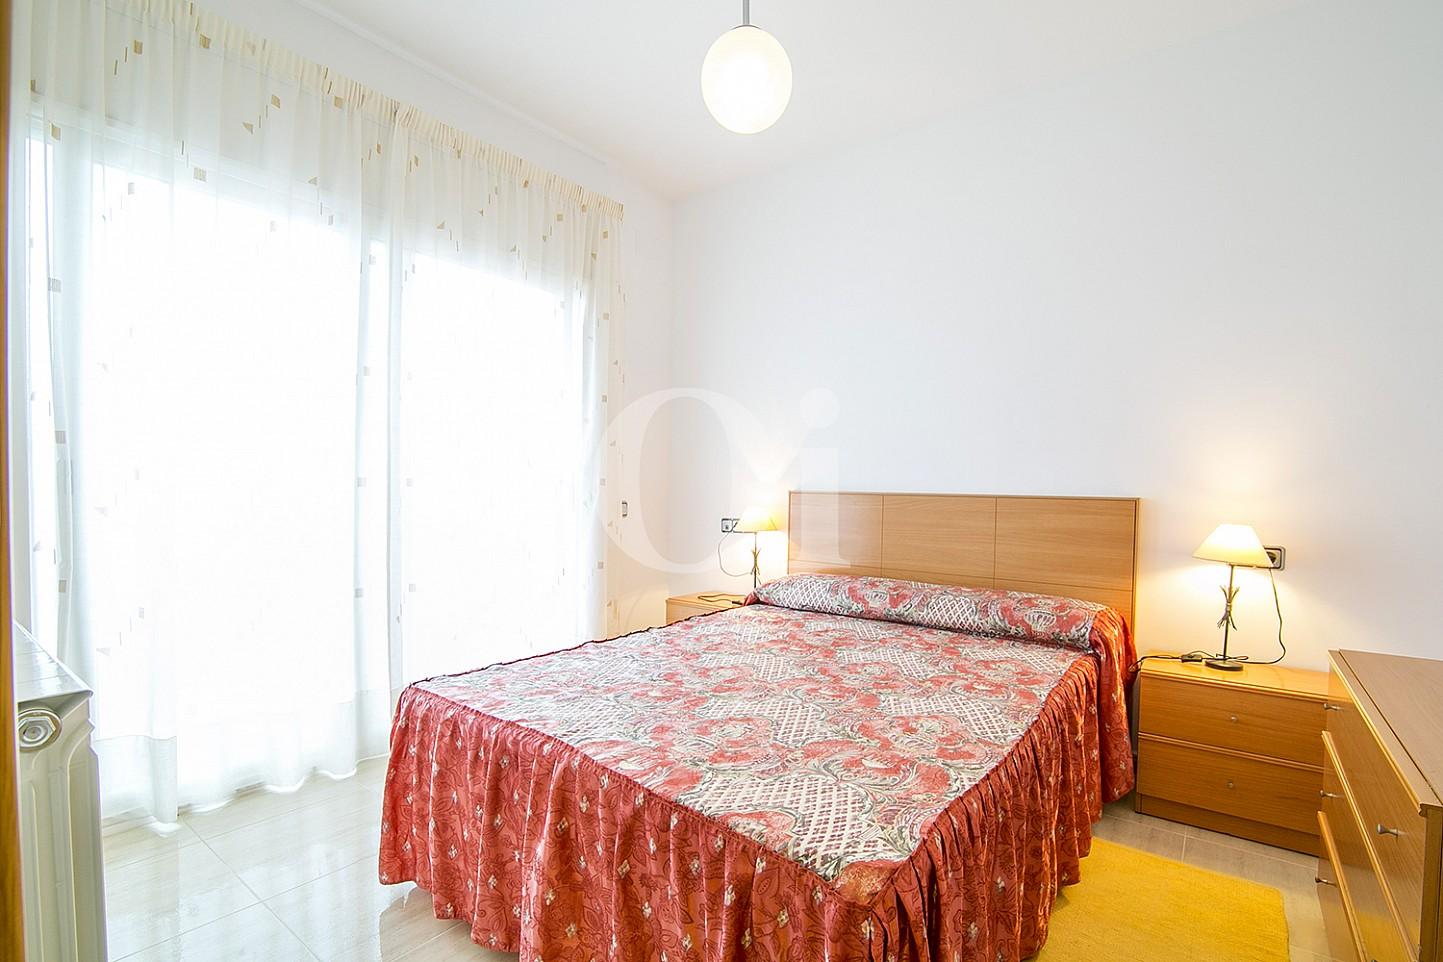 Dormitorio de casa en venta con vistas al mar en Lloret de Mar, Costa Brava